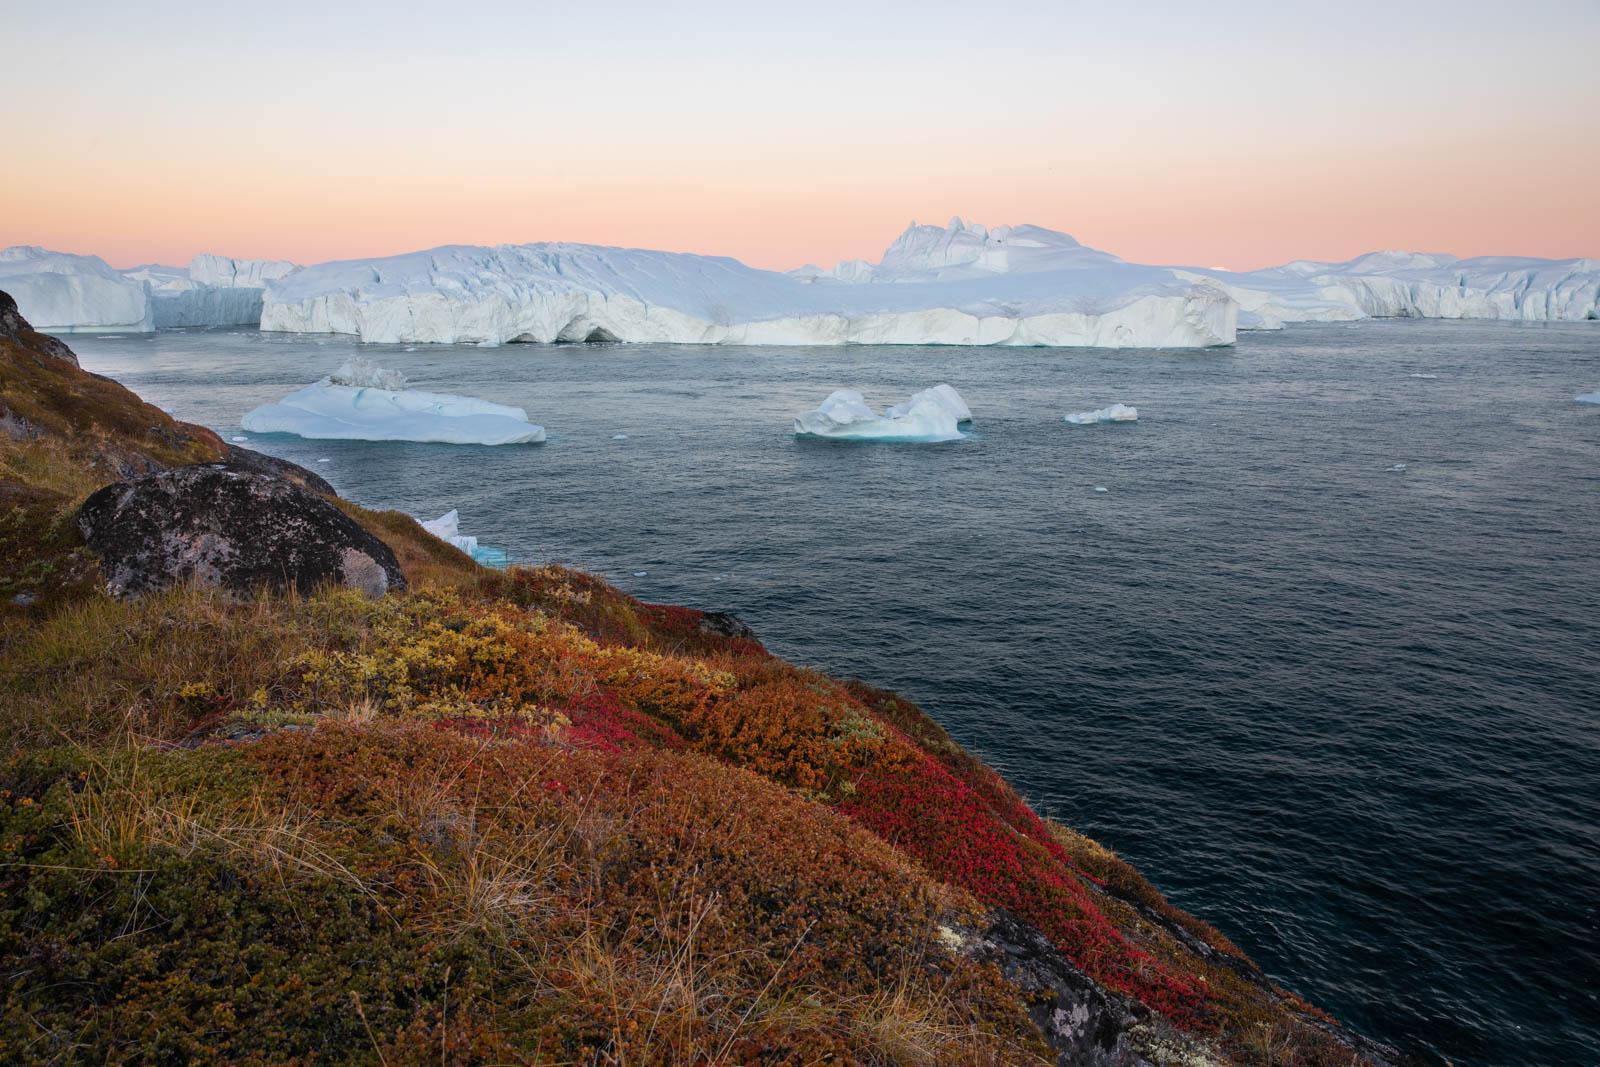 Morgendämmerung in Ilulissat, Grönland